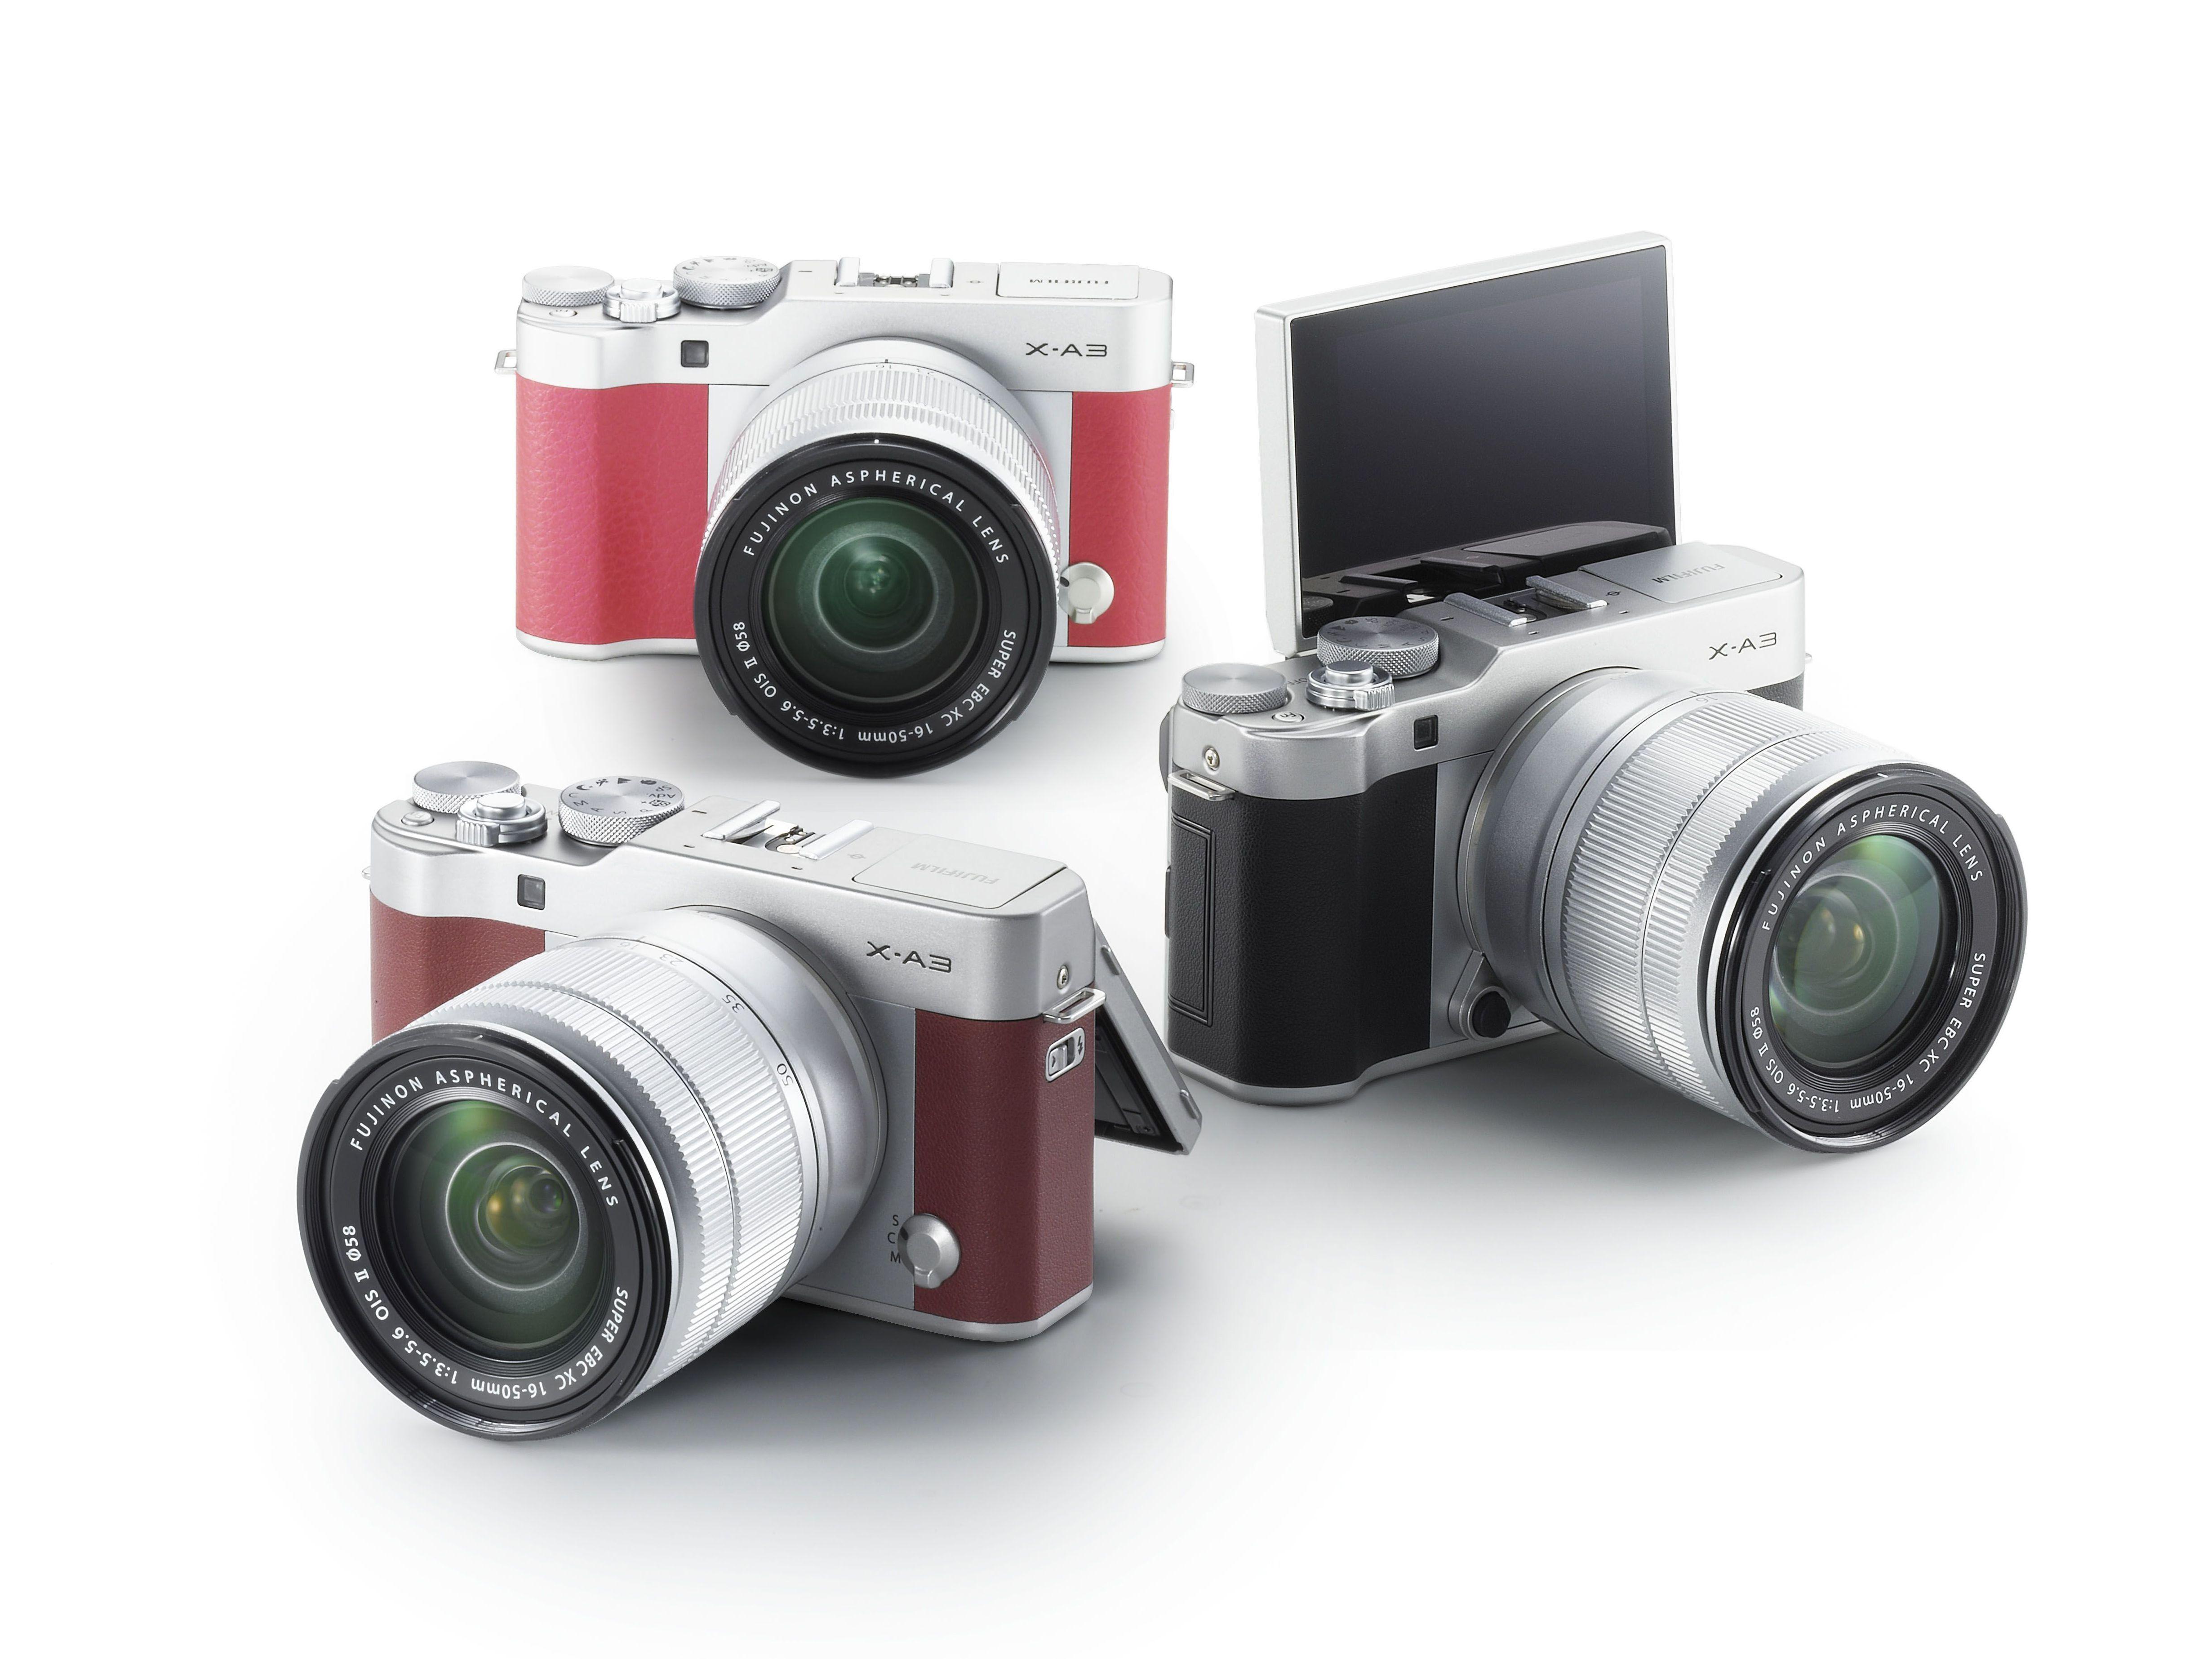 Novi Fujifilm je retro